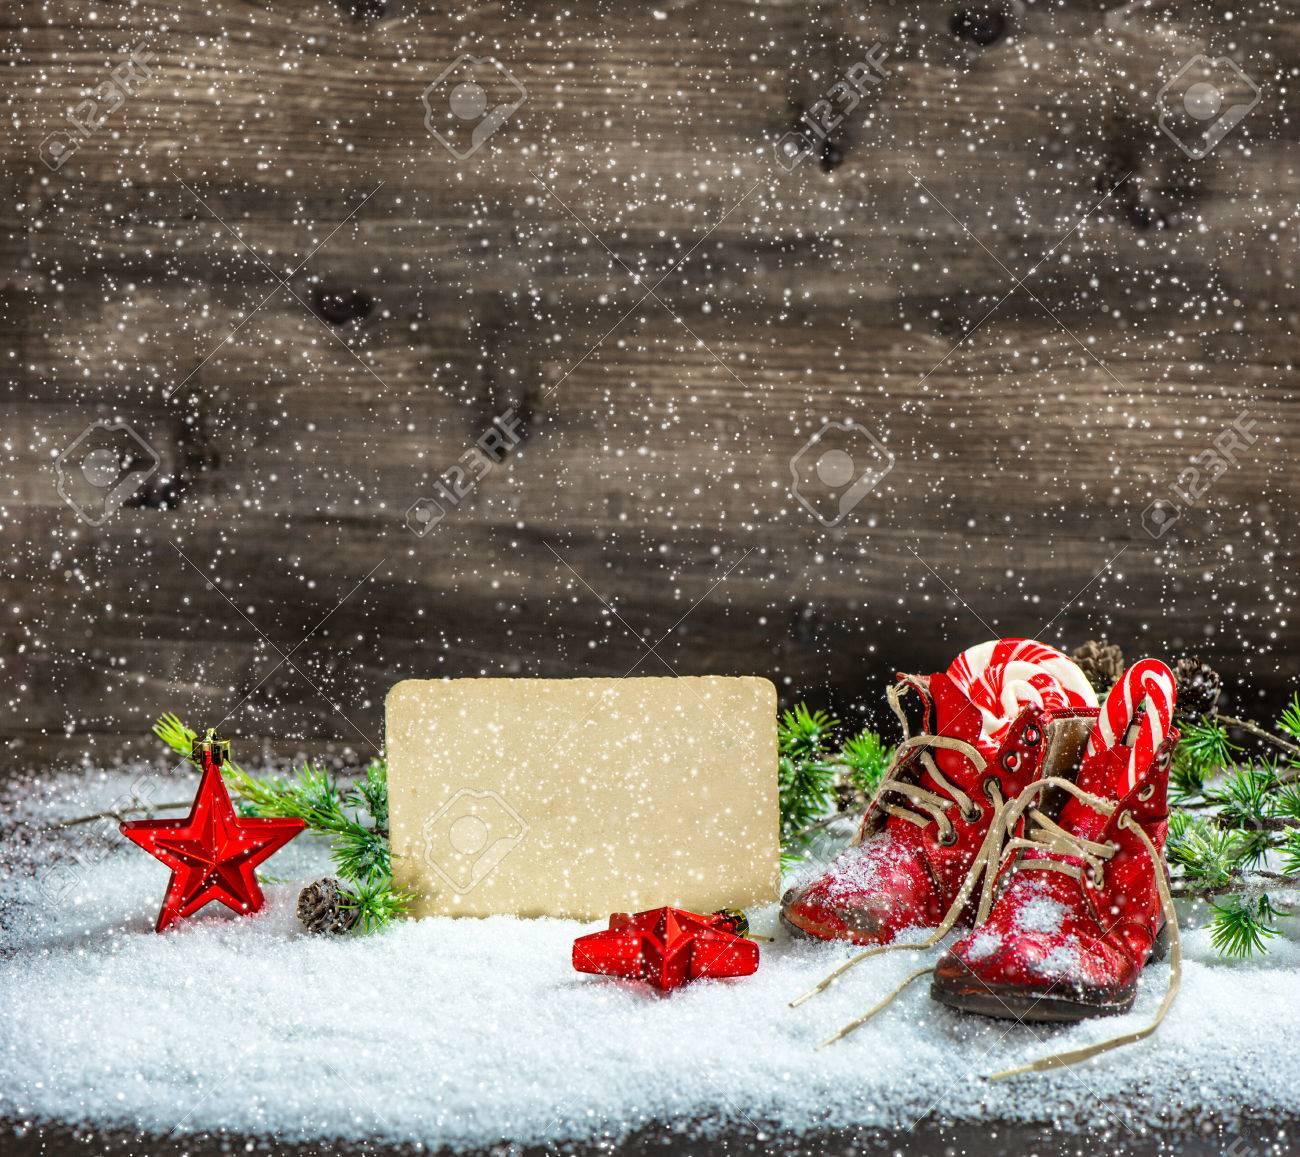 Immagini Di Natale Antiche.Stelle Rosse Di Decorazione Di Natale Stile Vintage E Antiche Scarpe Da Bambino Cartolina Retro Effetto Neve Che Cade